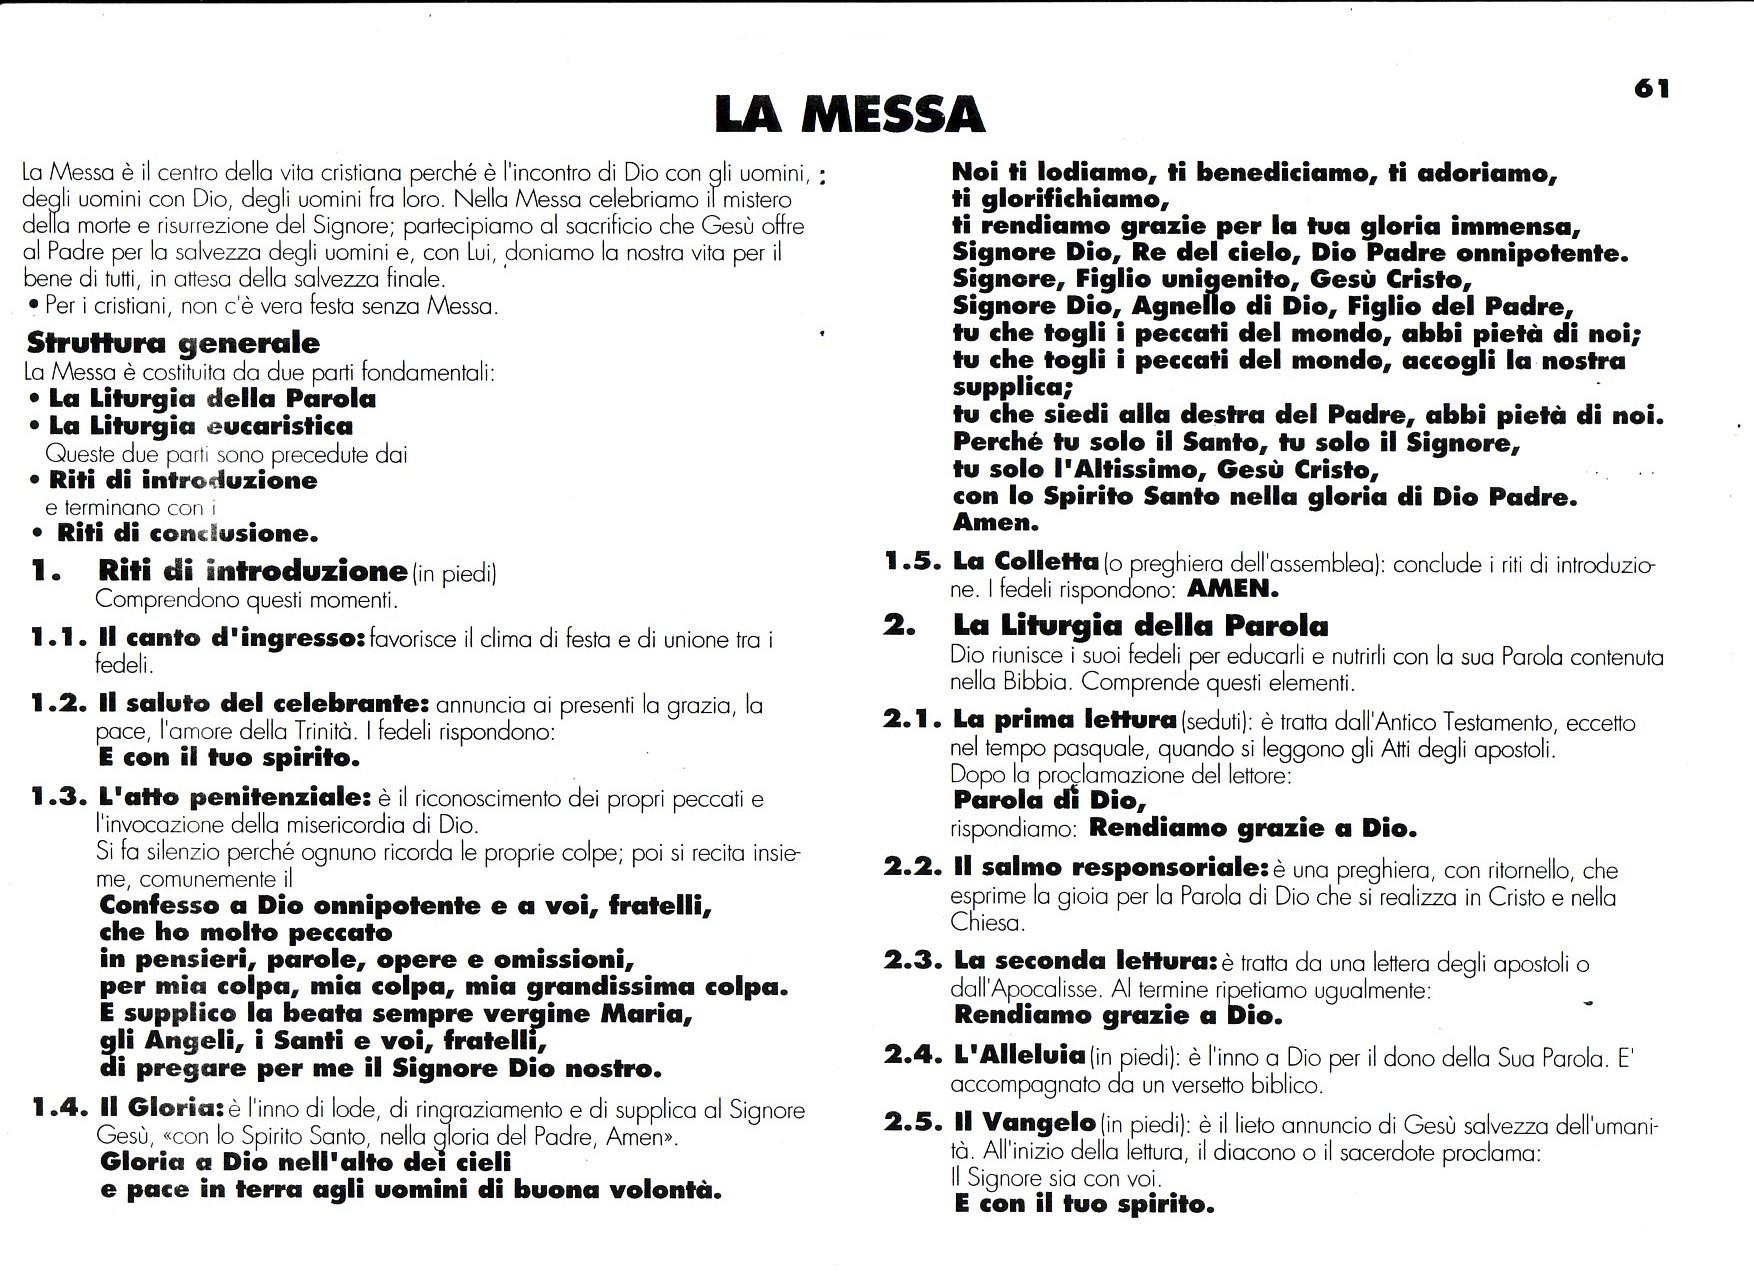 Nel giardino degli angeli catechismo schede pagina 1 for Cruciverba per bambini catechismo